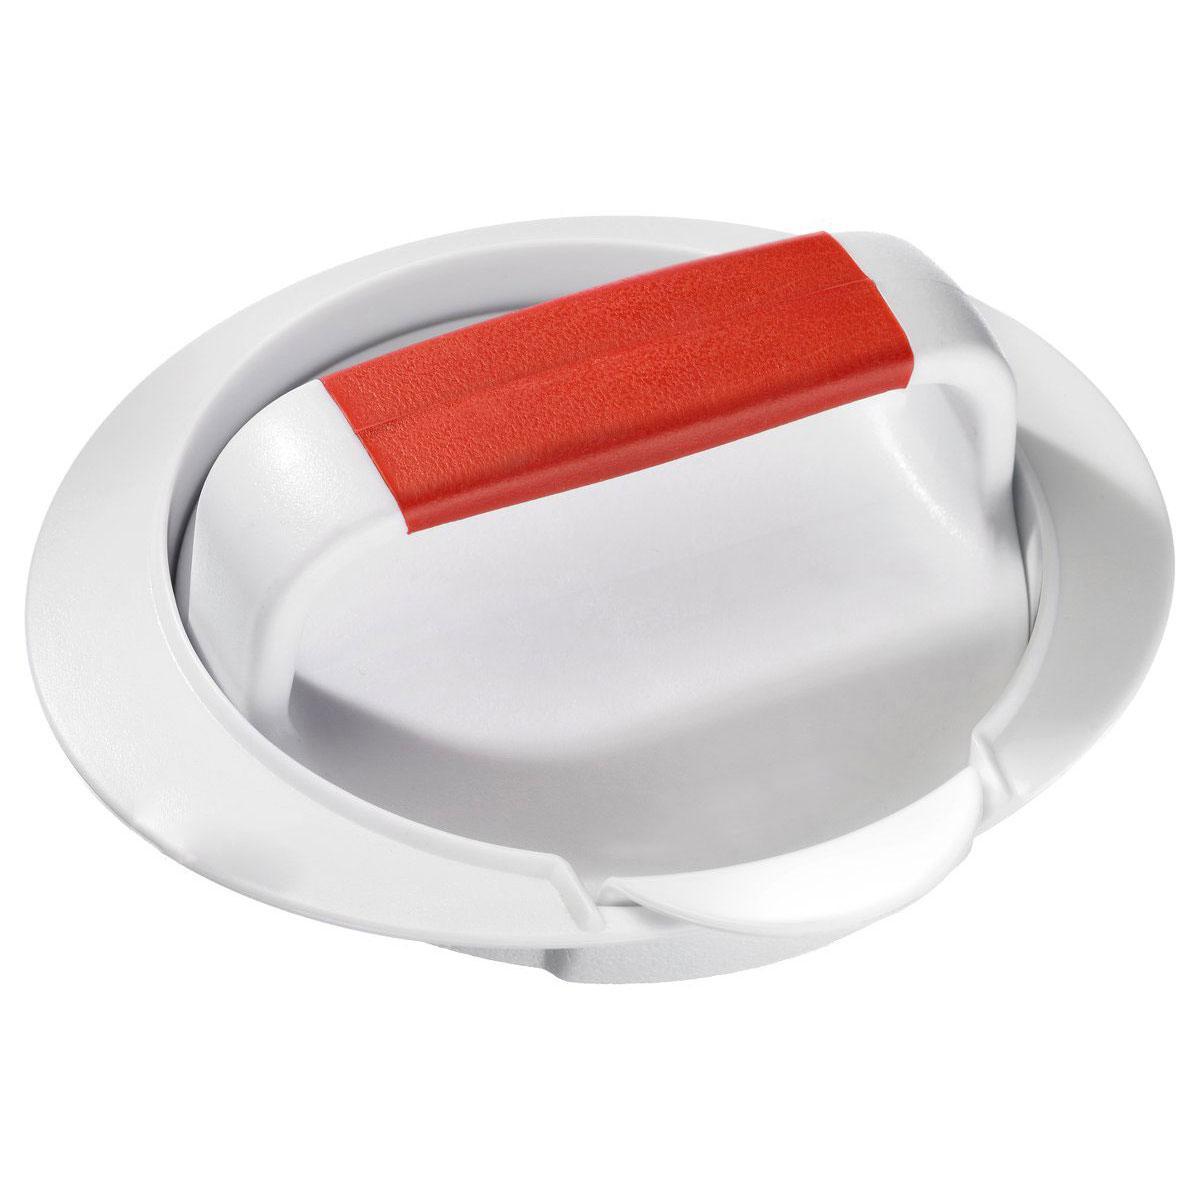 Форма-пресс для котлет гамбургеров Boral Hamburger Maker, цвет - белый, с доставкой по Киеву и Украине